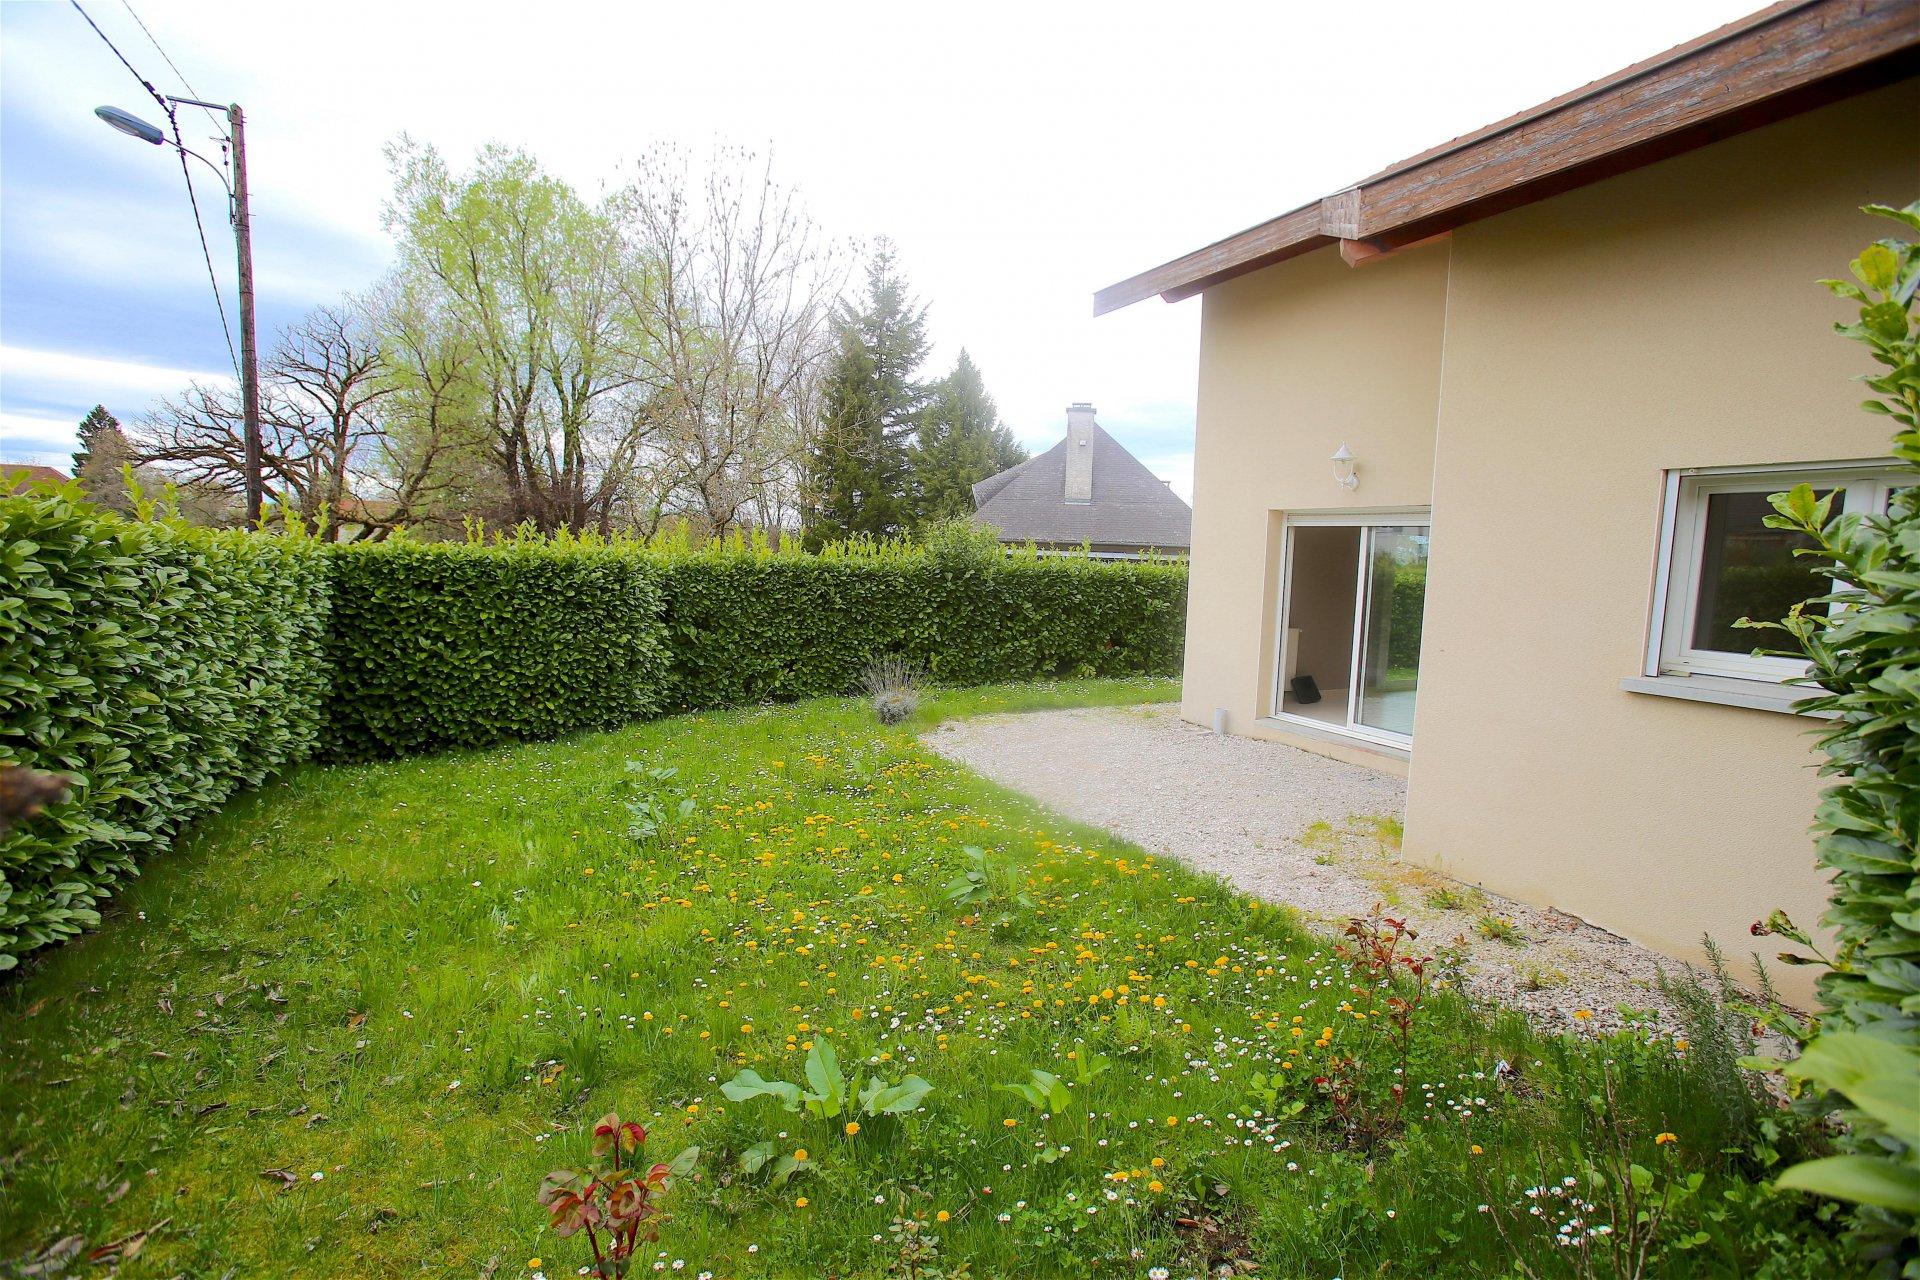 V546- Vieugy, maison avec un beau jardin